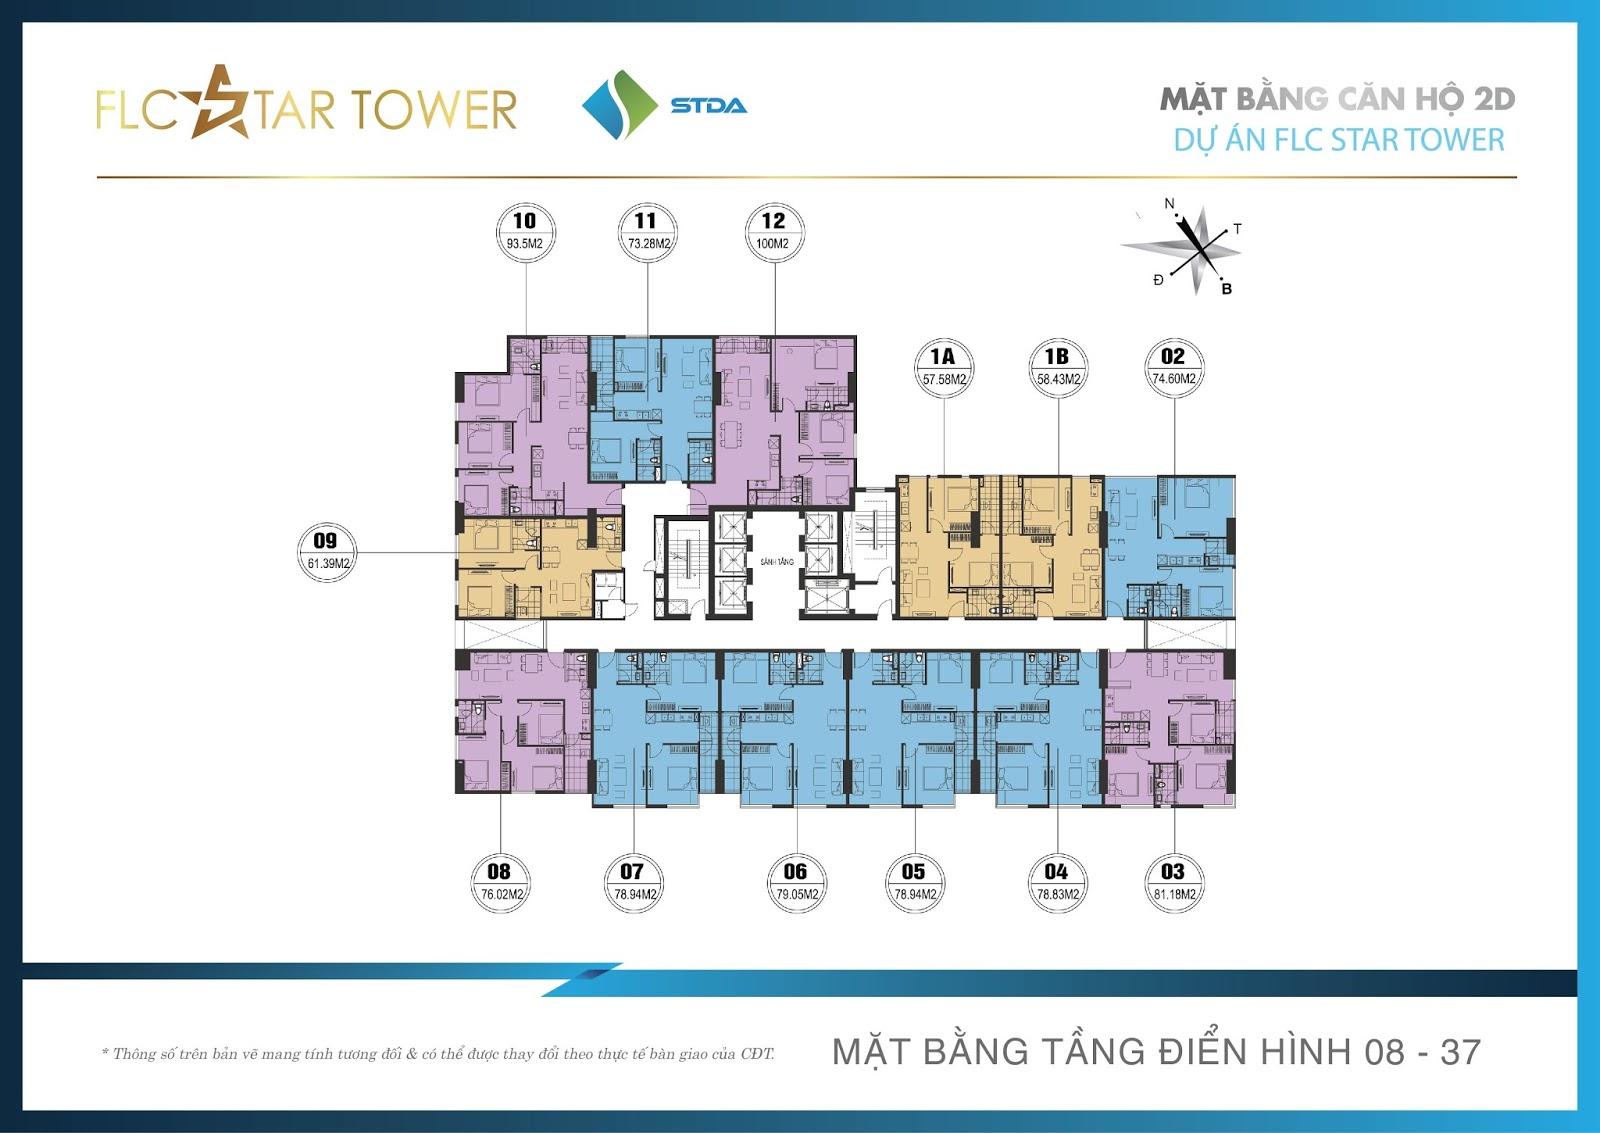 Hình ảnh măt bằng thiết kế dự án FLC Star Tower Hà Đông